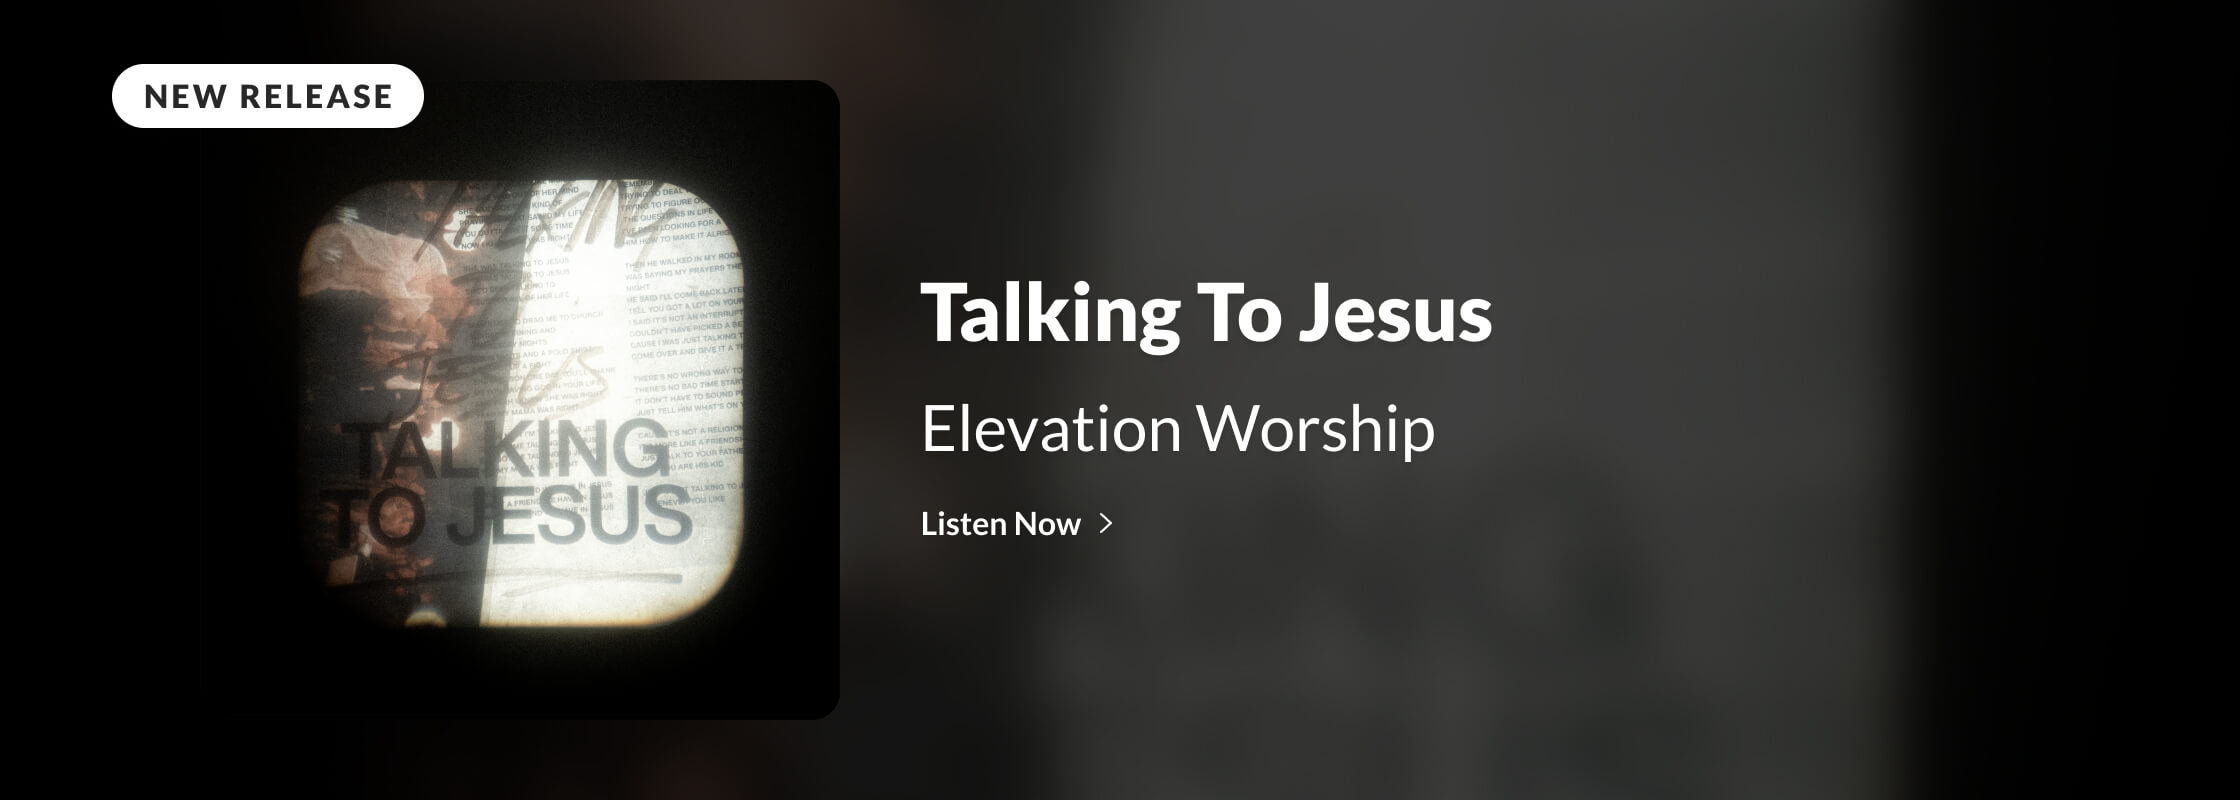 Elevation Worship | Talking To Jesus